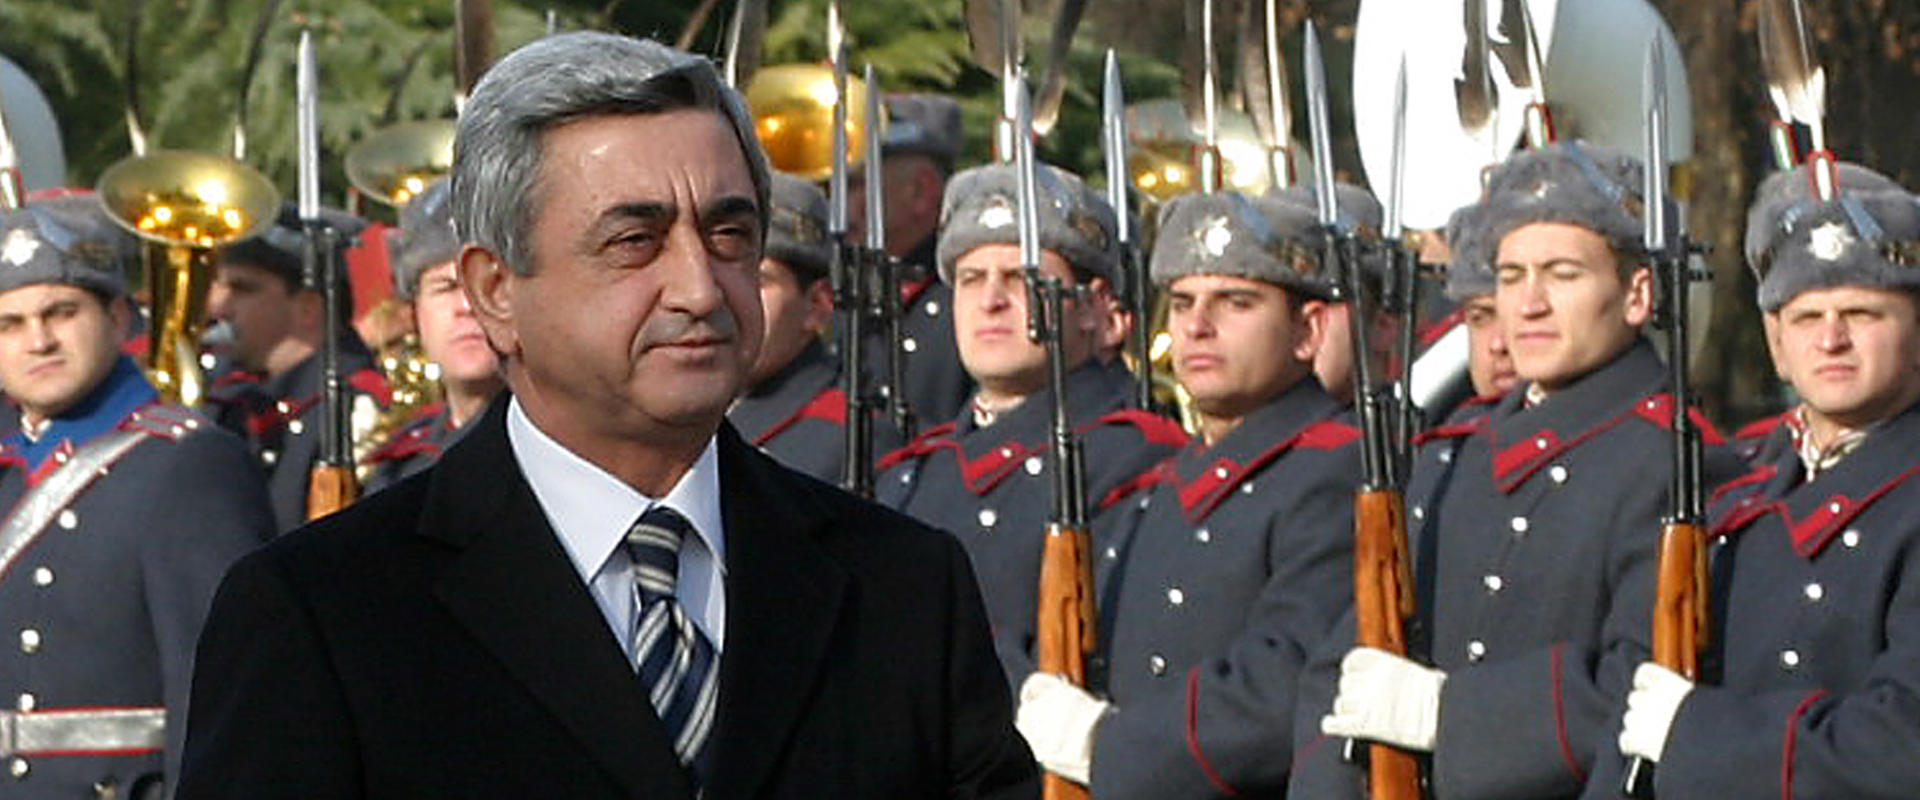 ראש ממשלת ארמניה לשעבר סרז' סרקזיאן